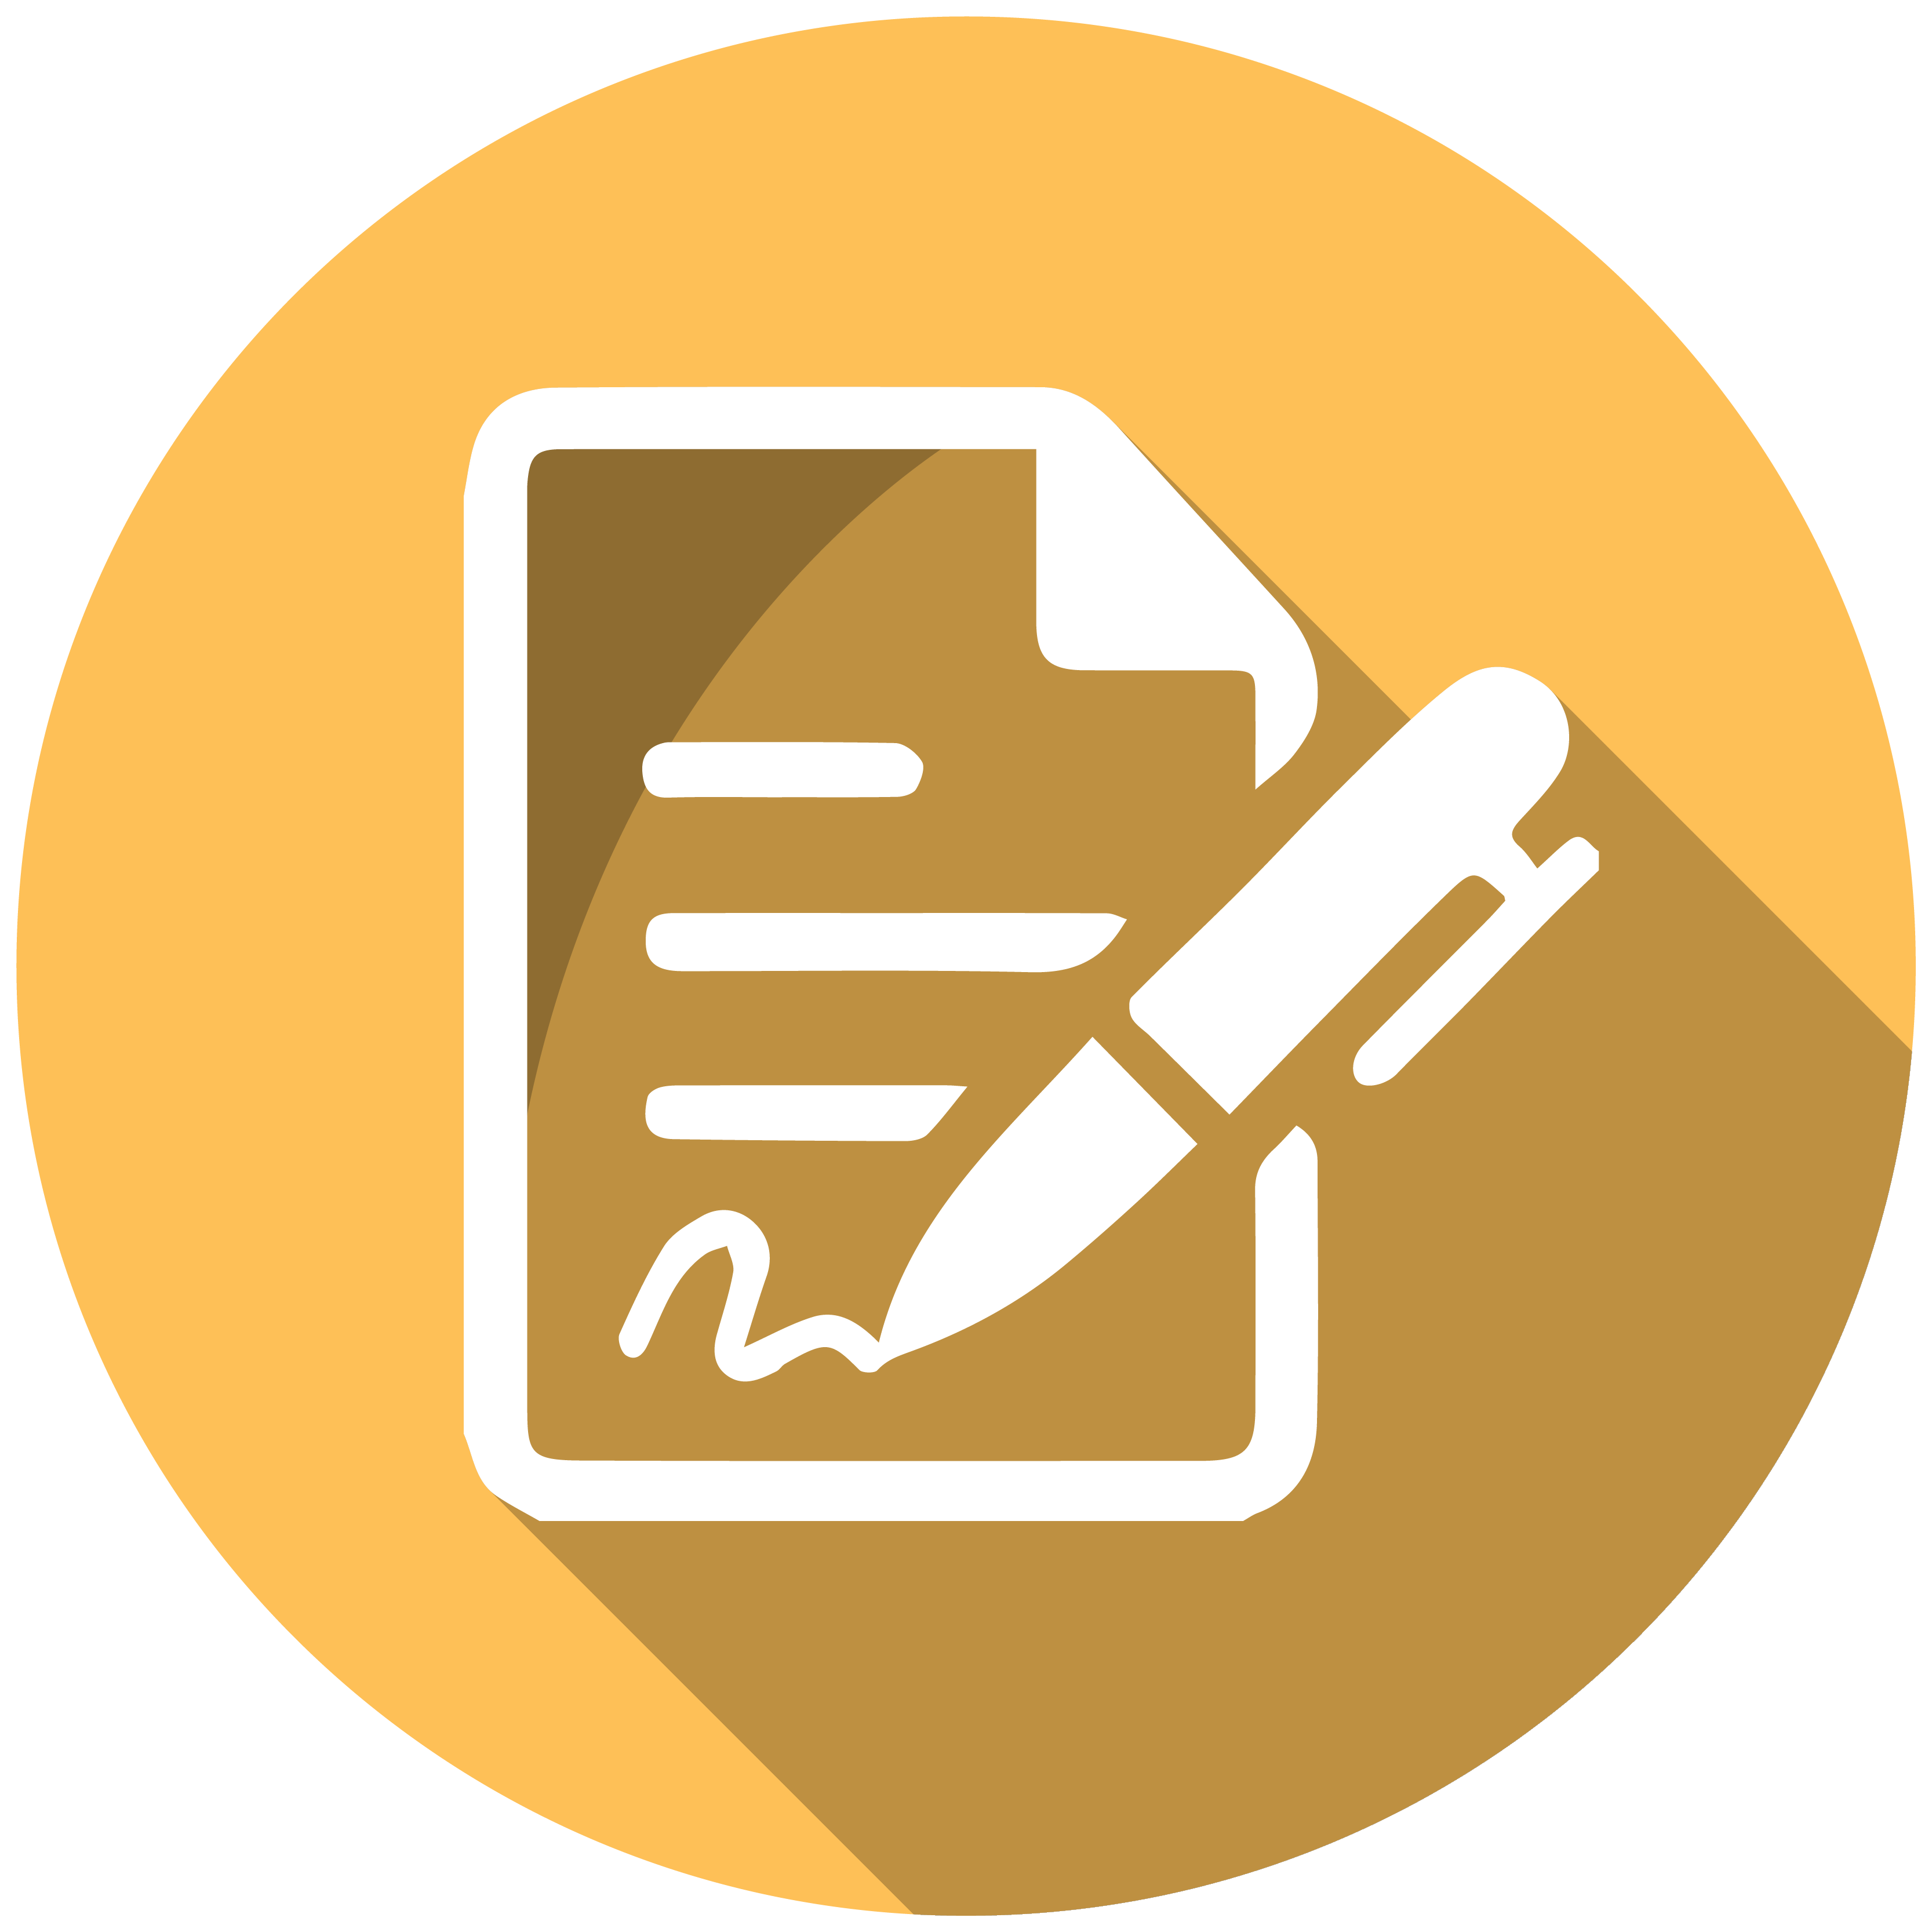 برترین فایل بررسی طراحی یک دستگاه آزمون جریان گردابی و کاربردهای آن